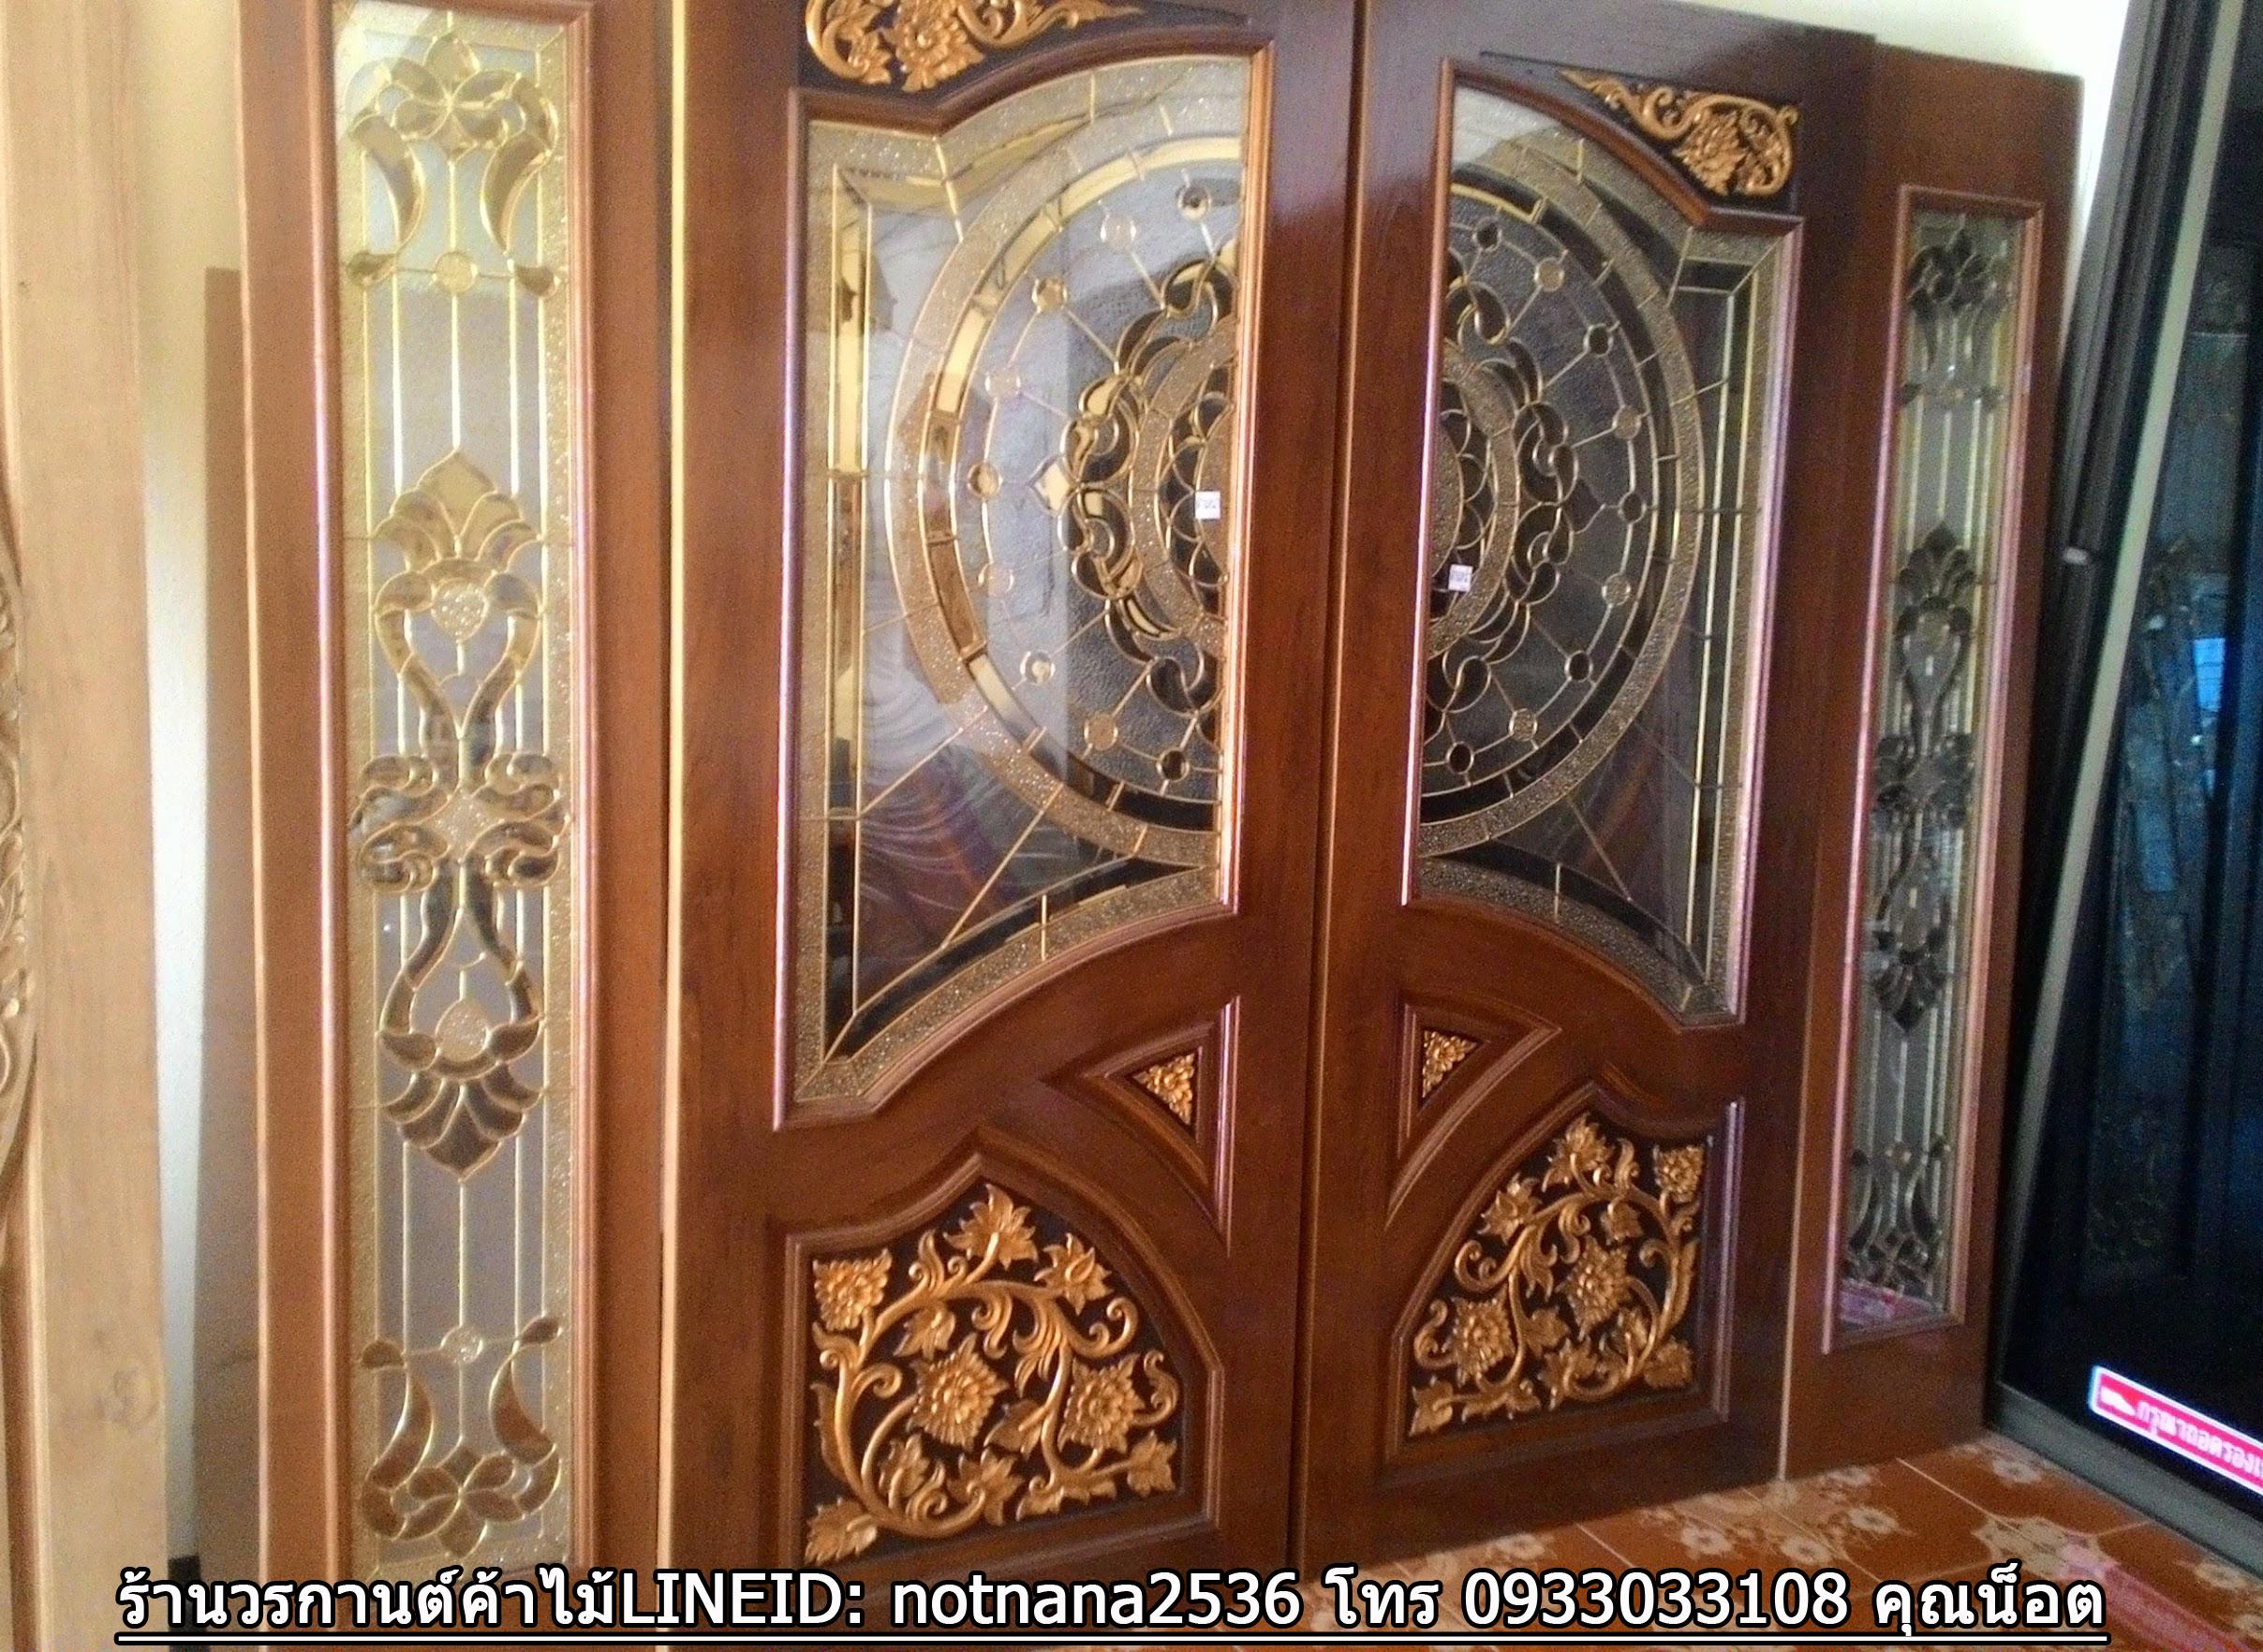 ประตูไม้สักกระจกนิรภัย ปีกนก ชุด4ชิ้น รหัส AAA78